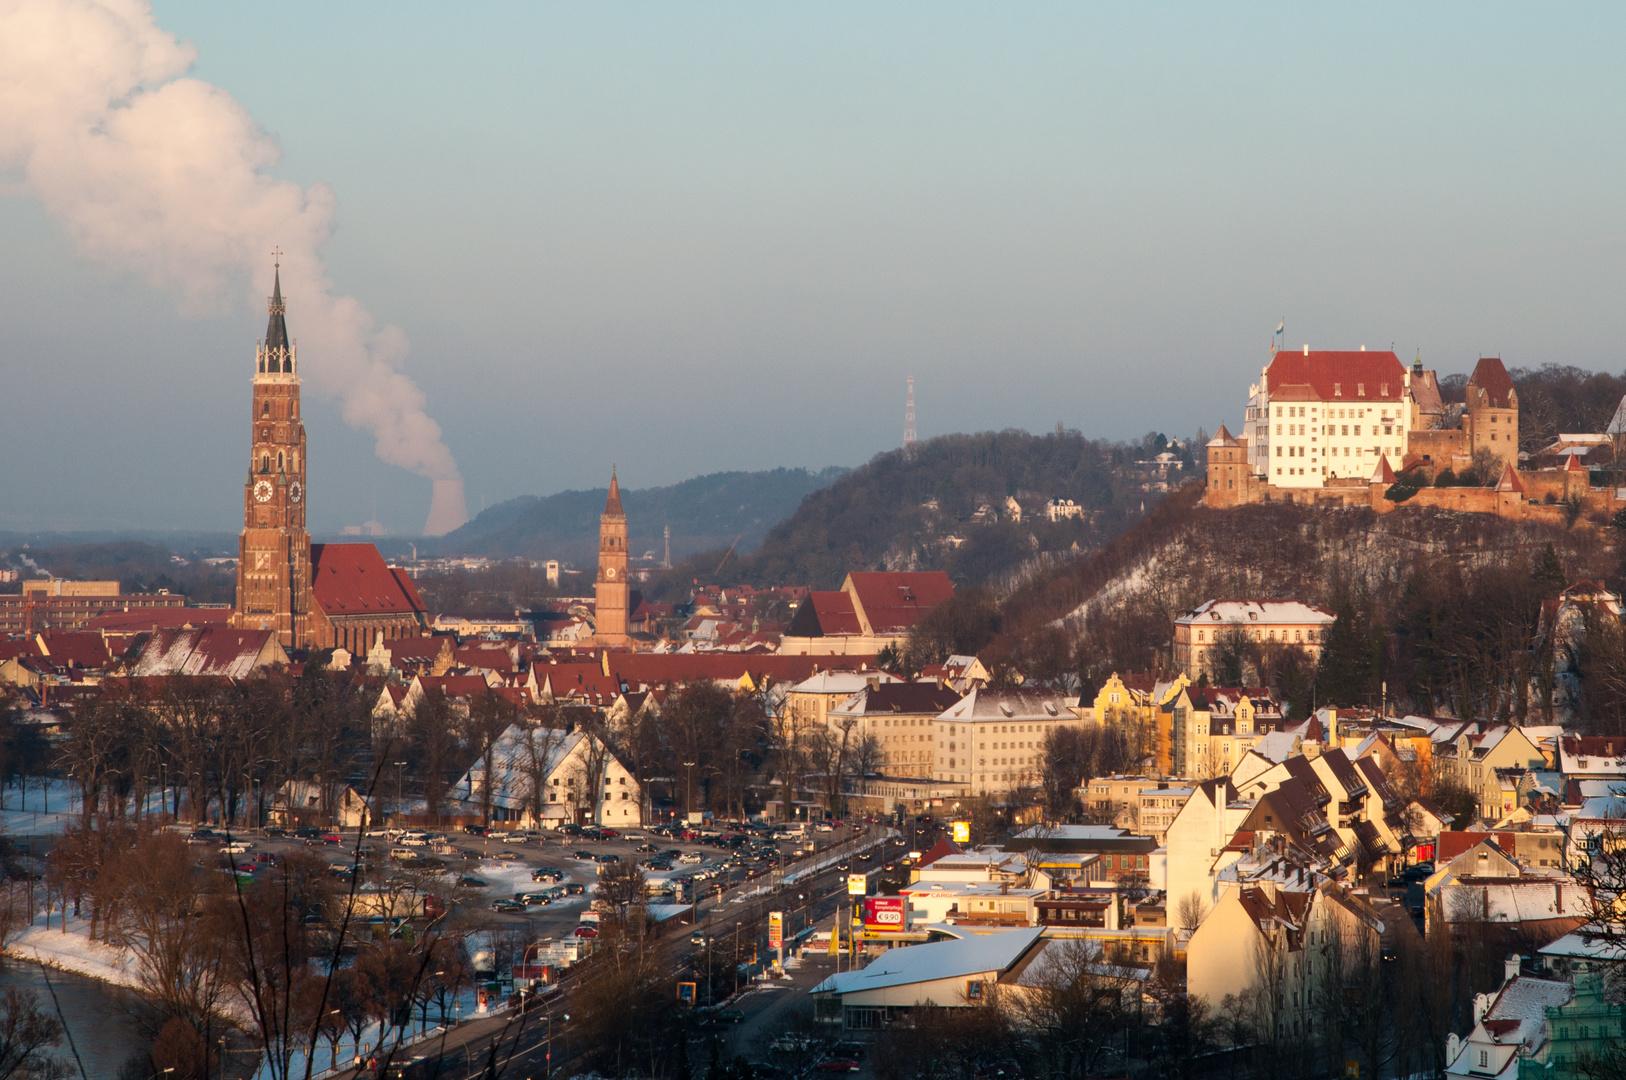 Und nochmal.... Landshut